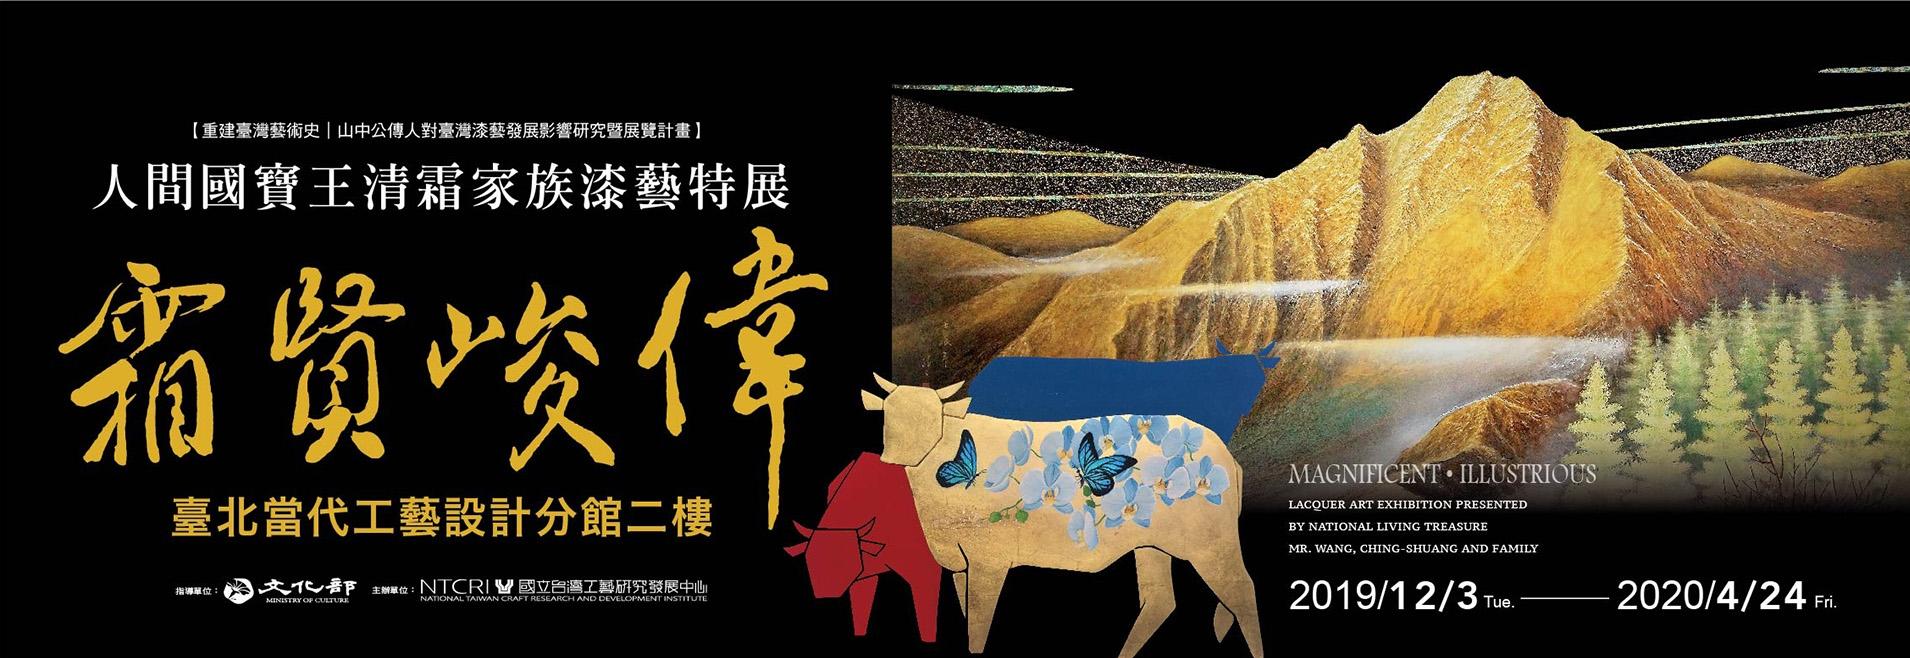 霜賢峻偉-人間國寶王清霜家族漆藝特展「另開新視窗」